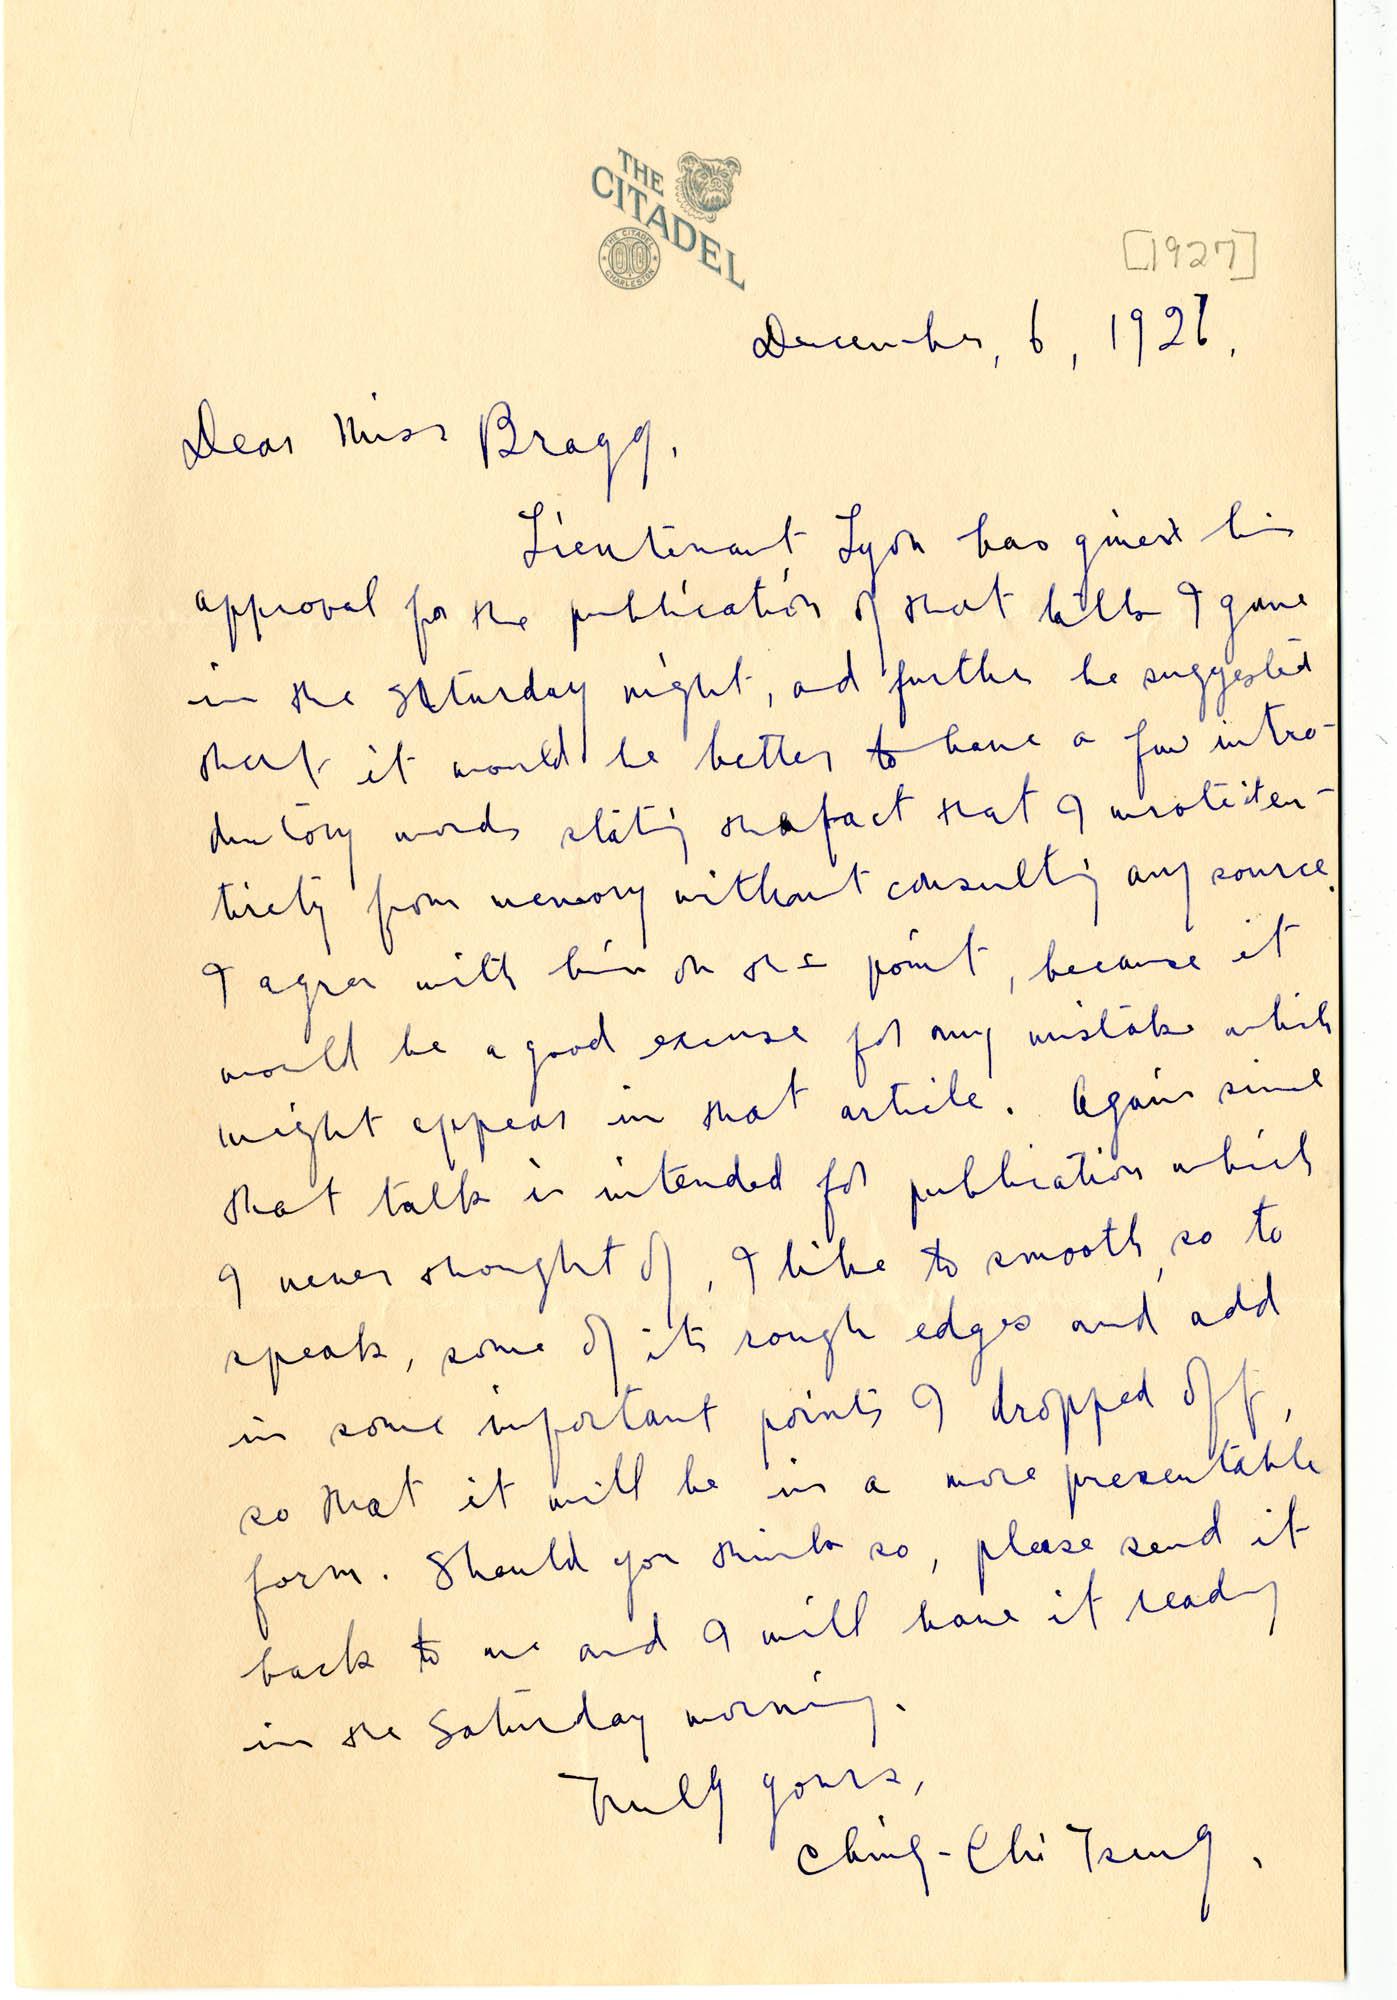 Letter from C.C. Tseng to Laura M. Bragg, December 6, 1926 [1927]